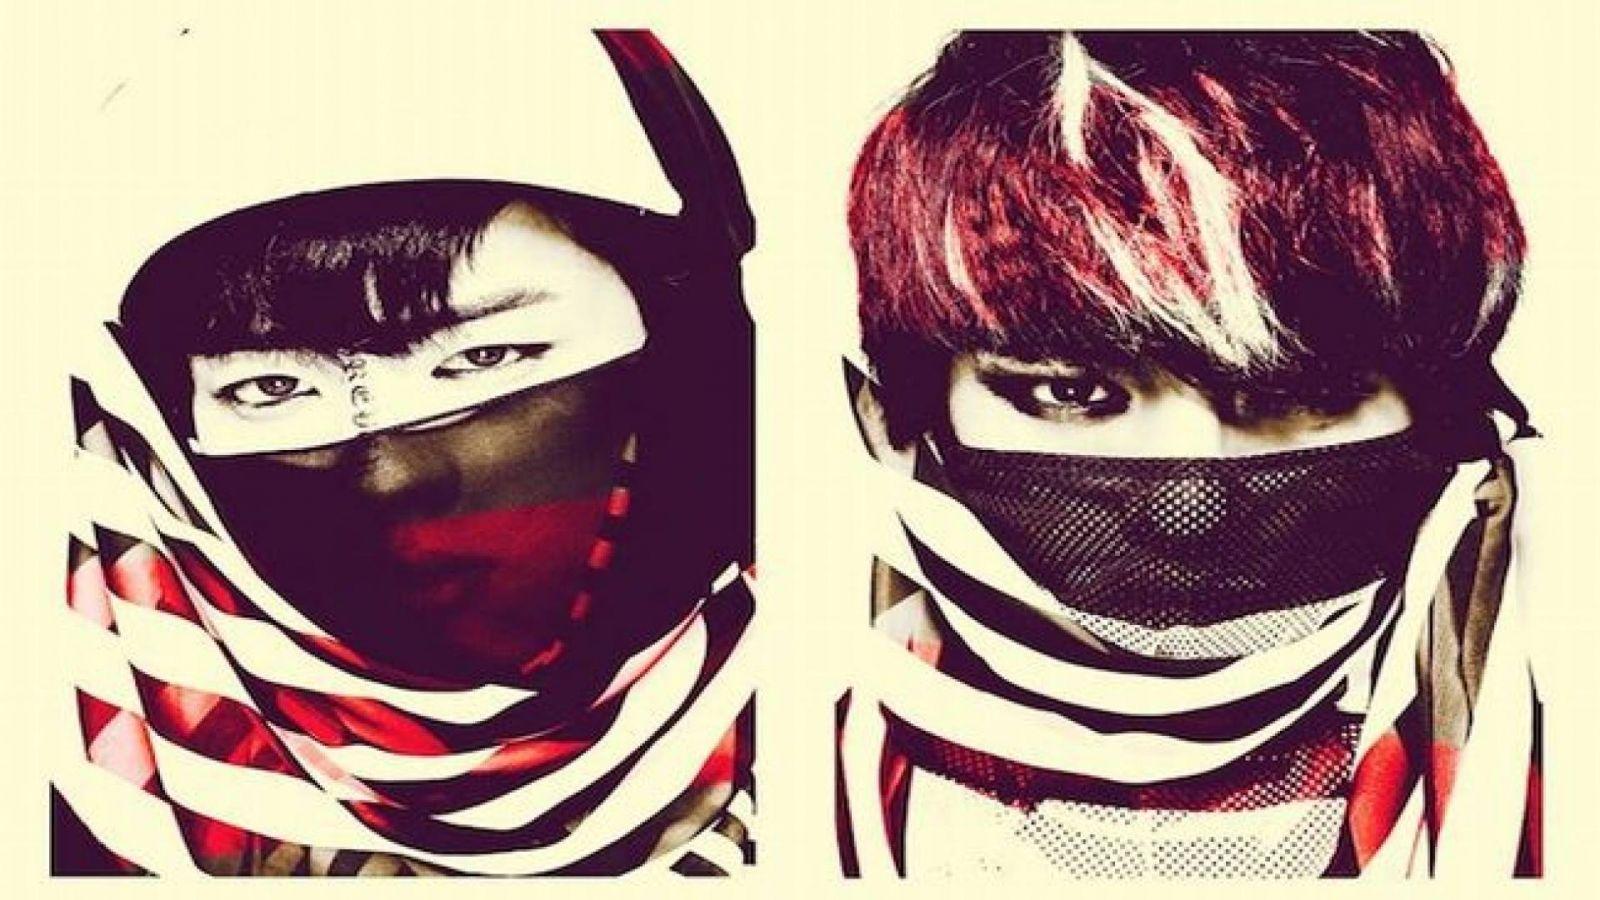 B.A.P de volta na próxima semana © T.S Entertainment